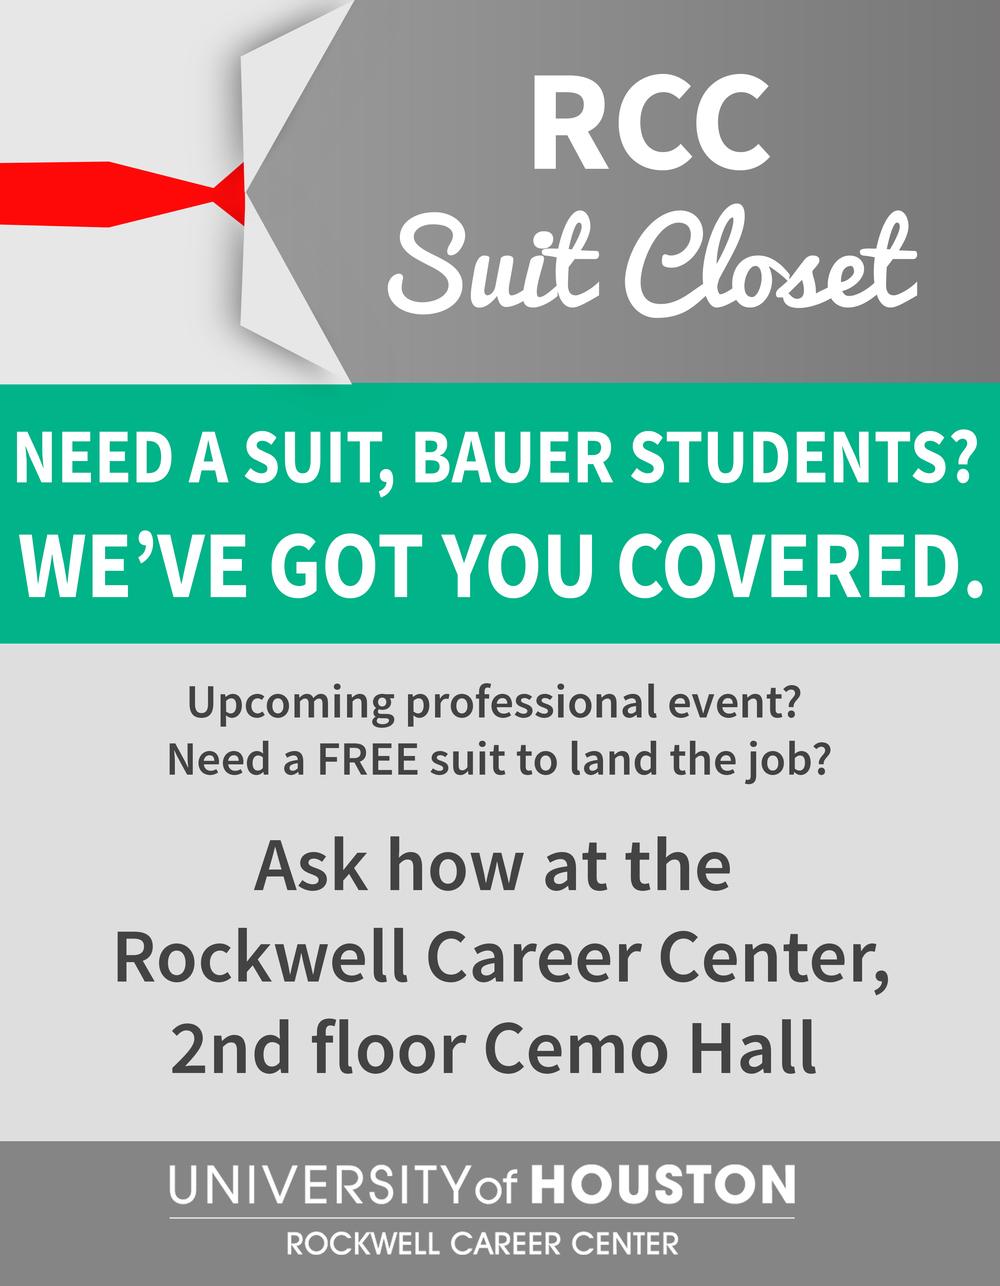 RCC Suit Closet - Flyer.jpg